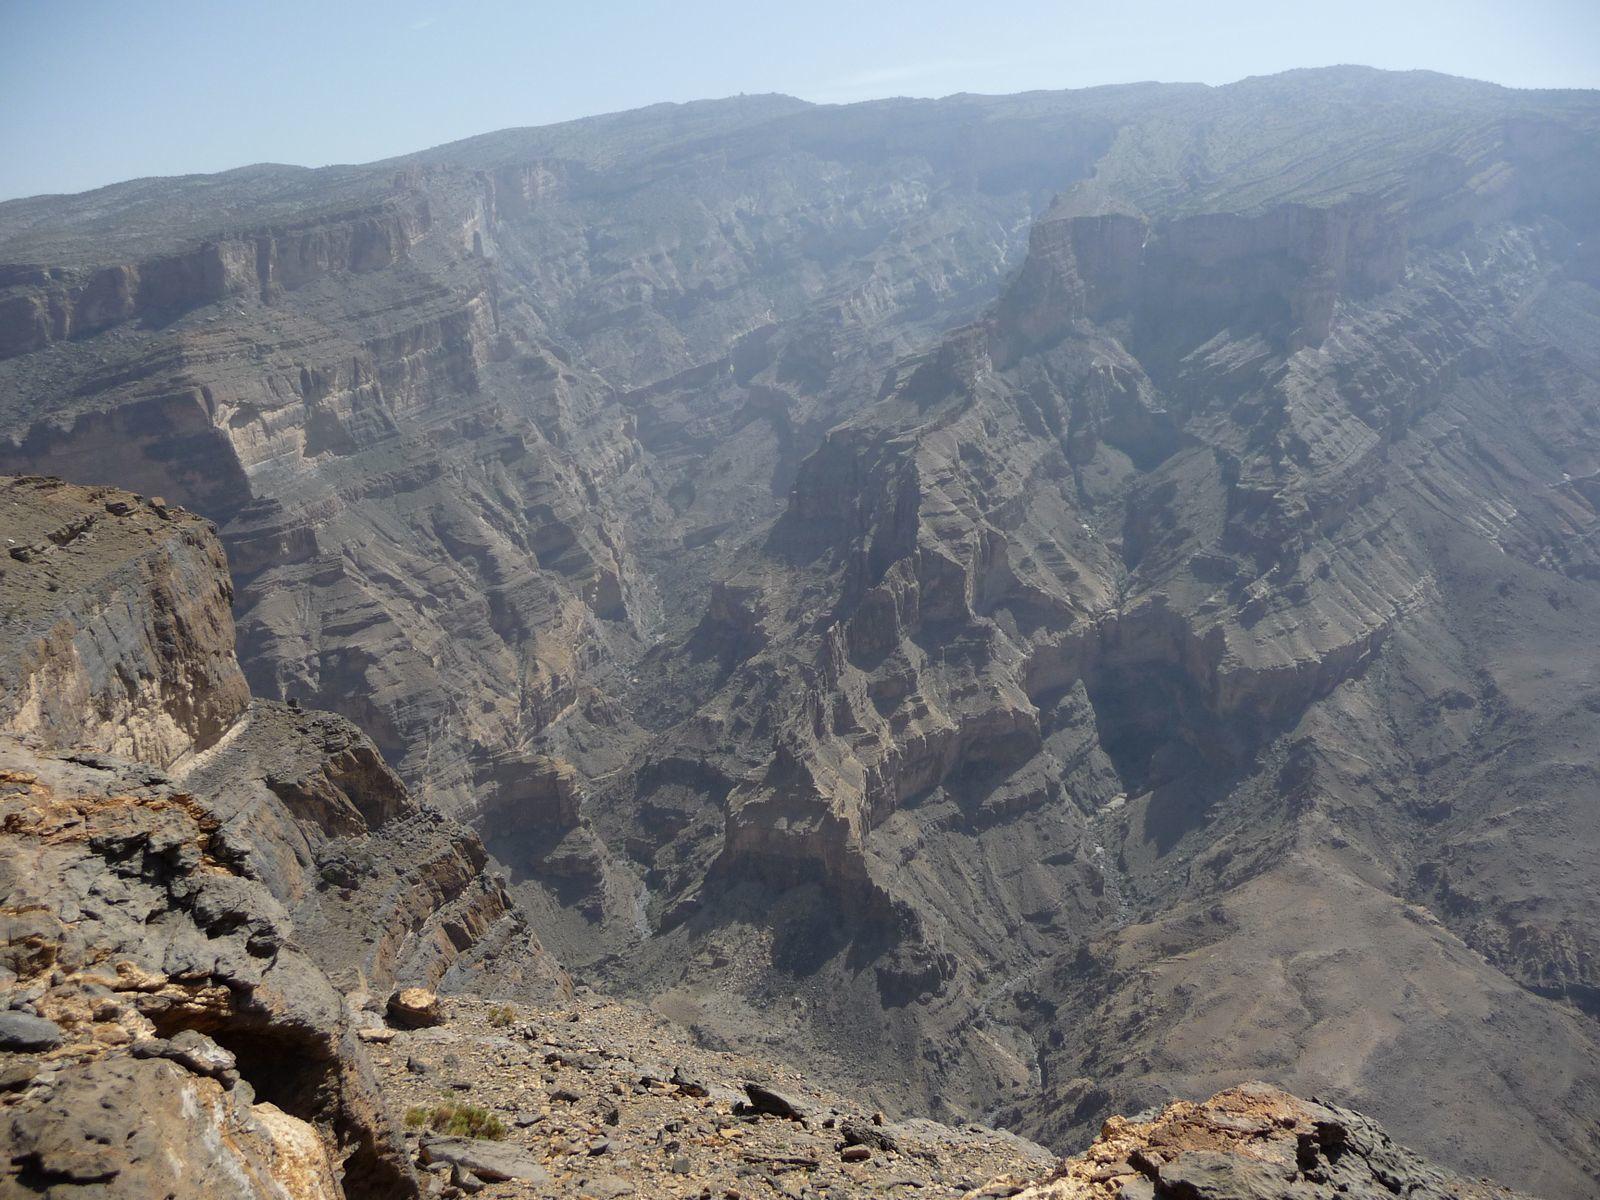 Oman-jebel-shams